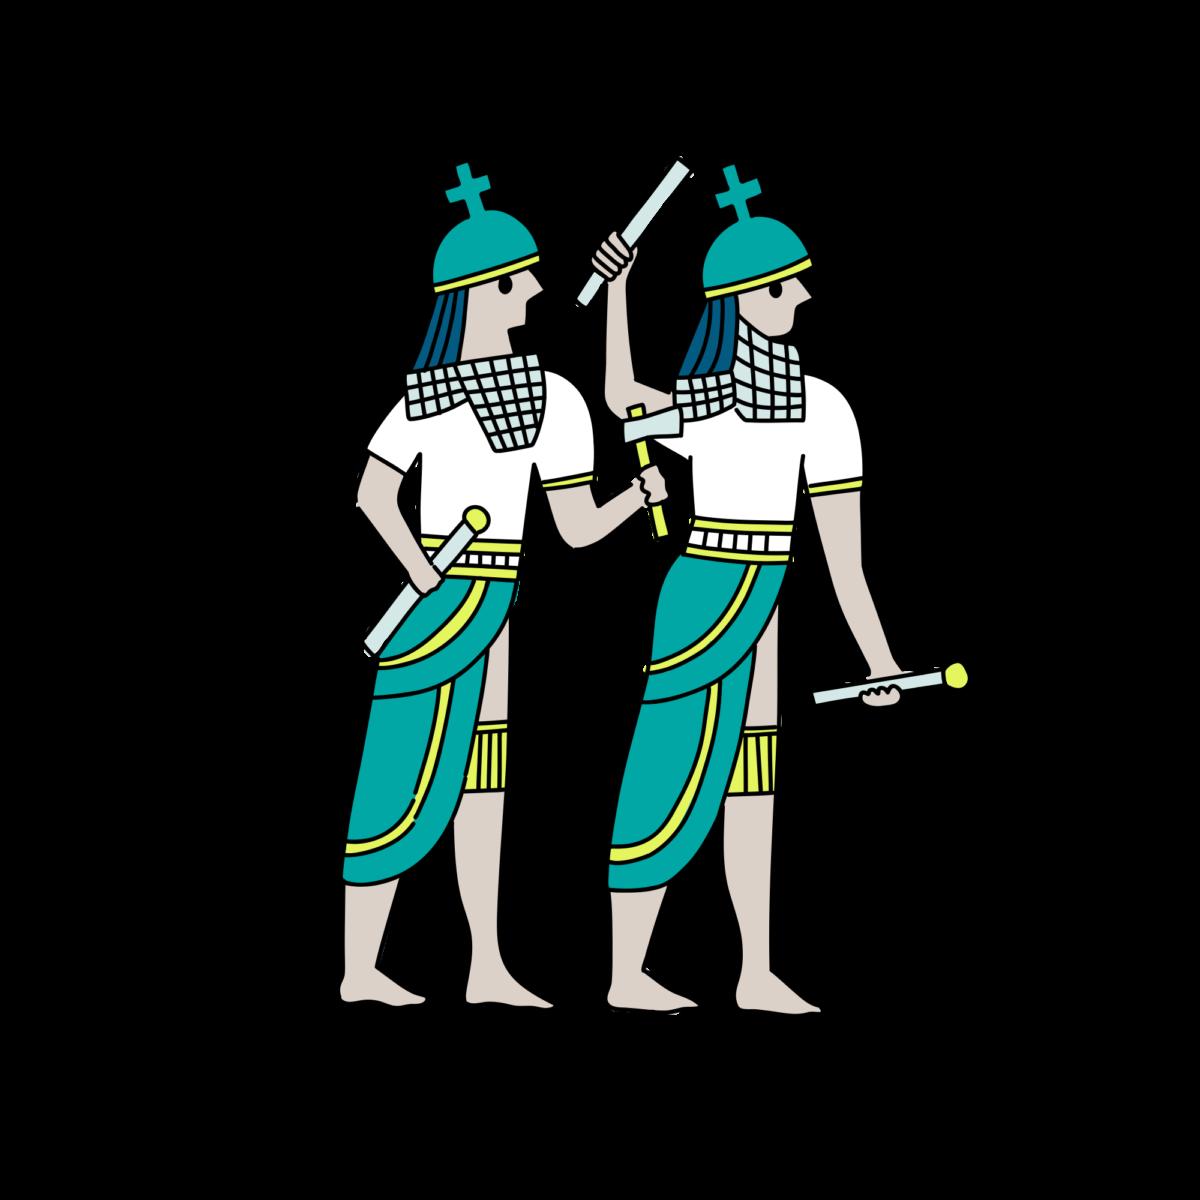 バビロニアの天文学-双子座